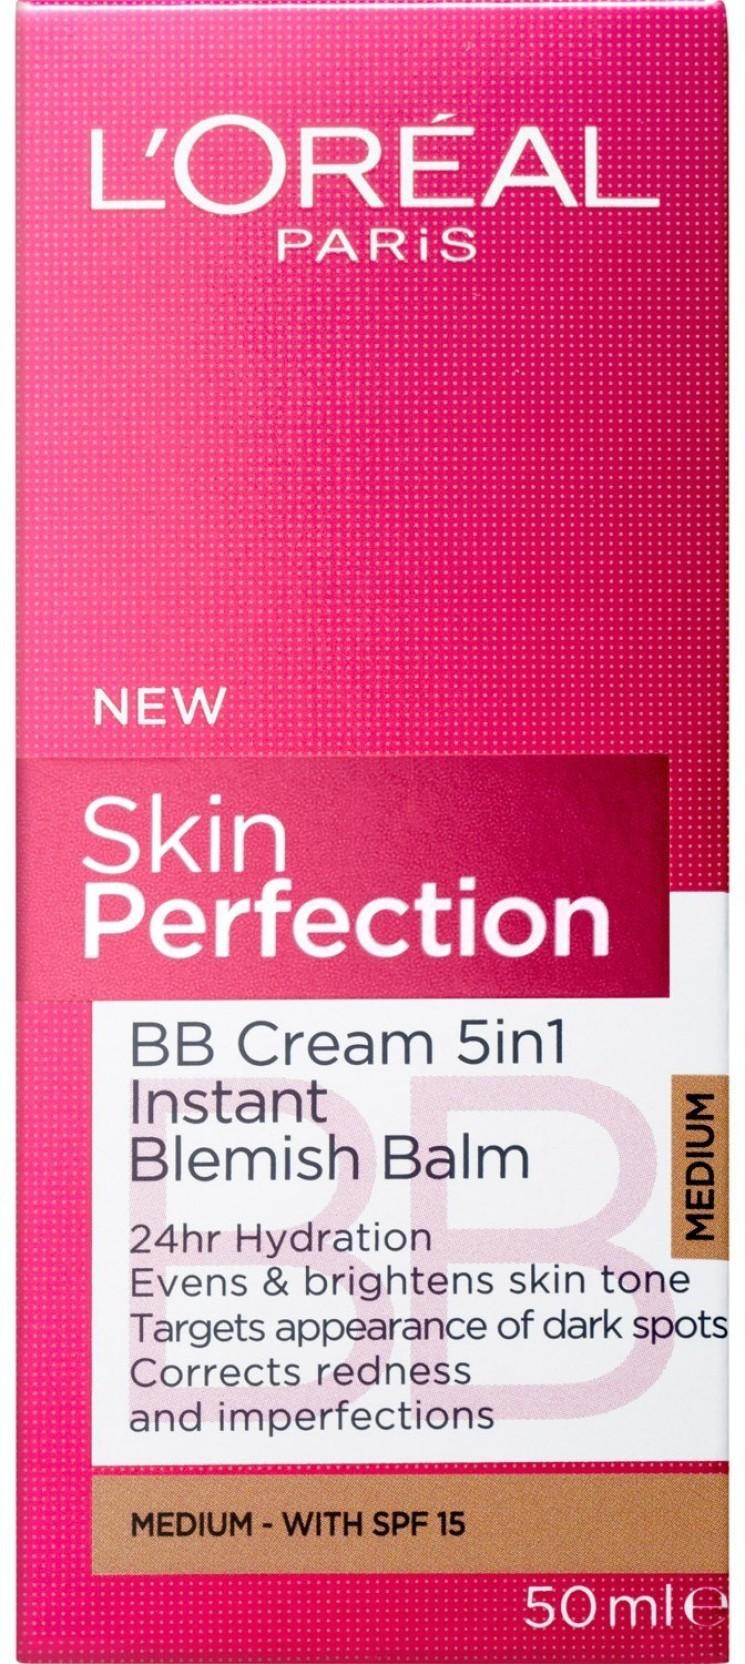 Loreal Paris Skin Perfection Bb Cream Foundation Price In India